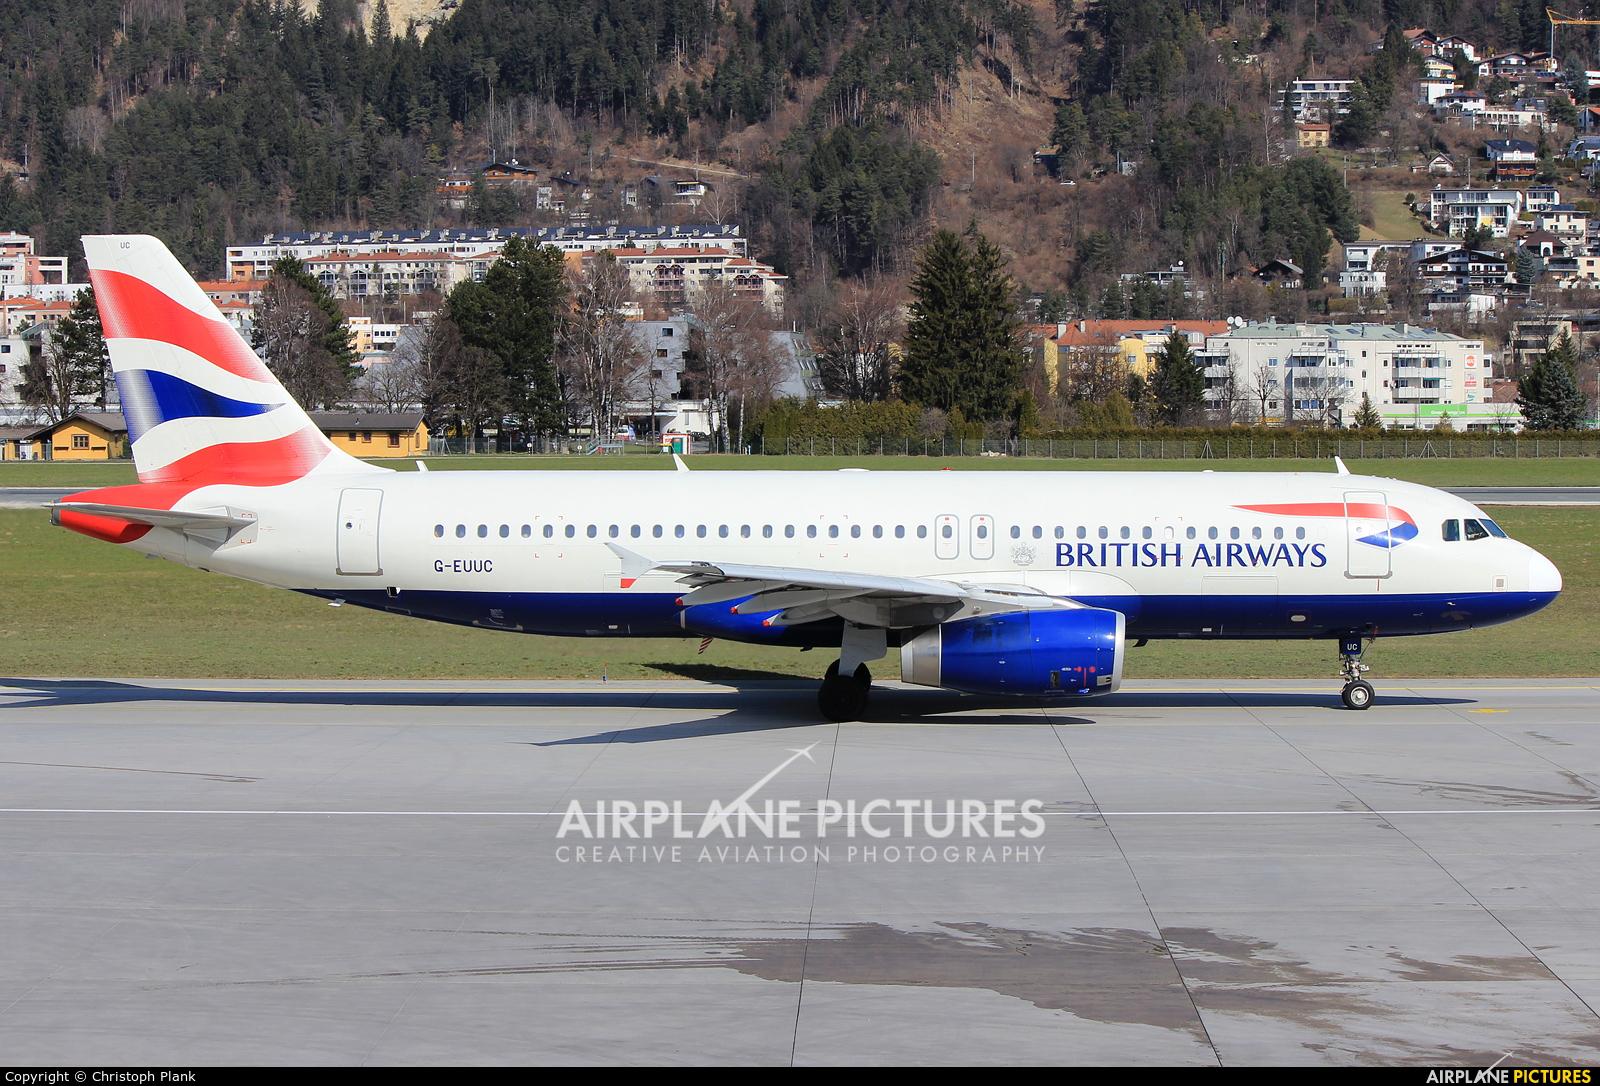 British Airways G-EUUC aircraft at Innsbruck